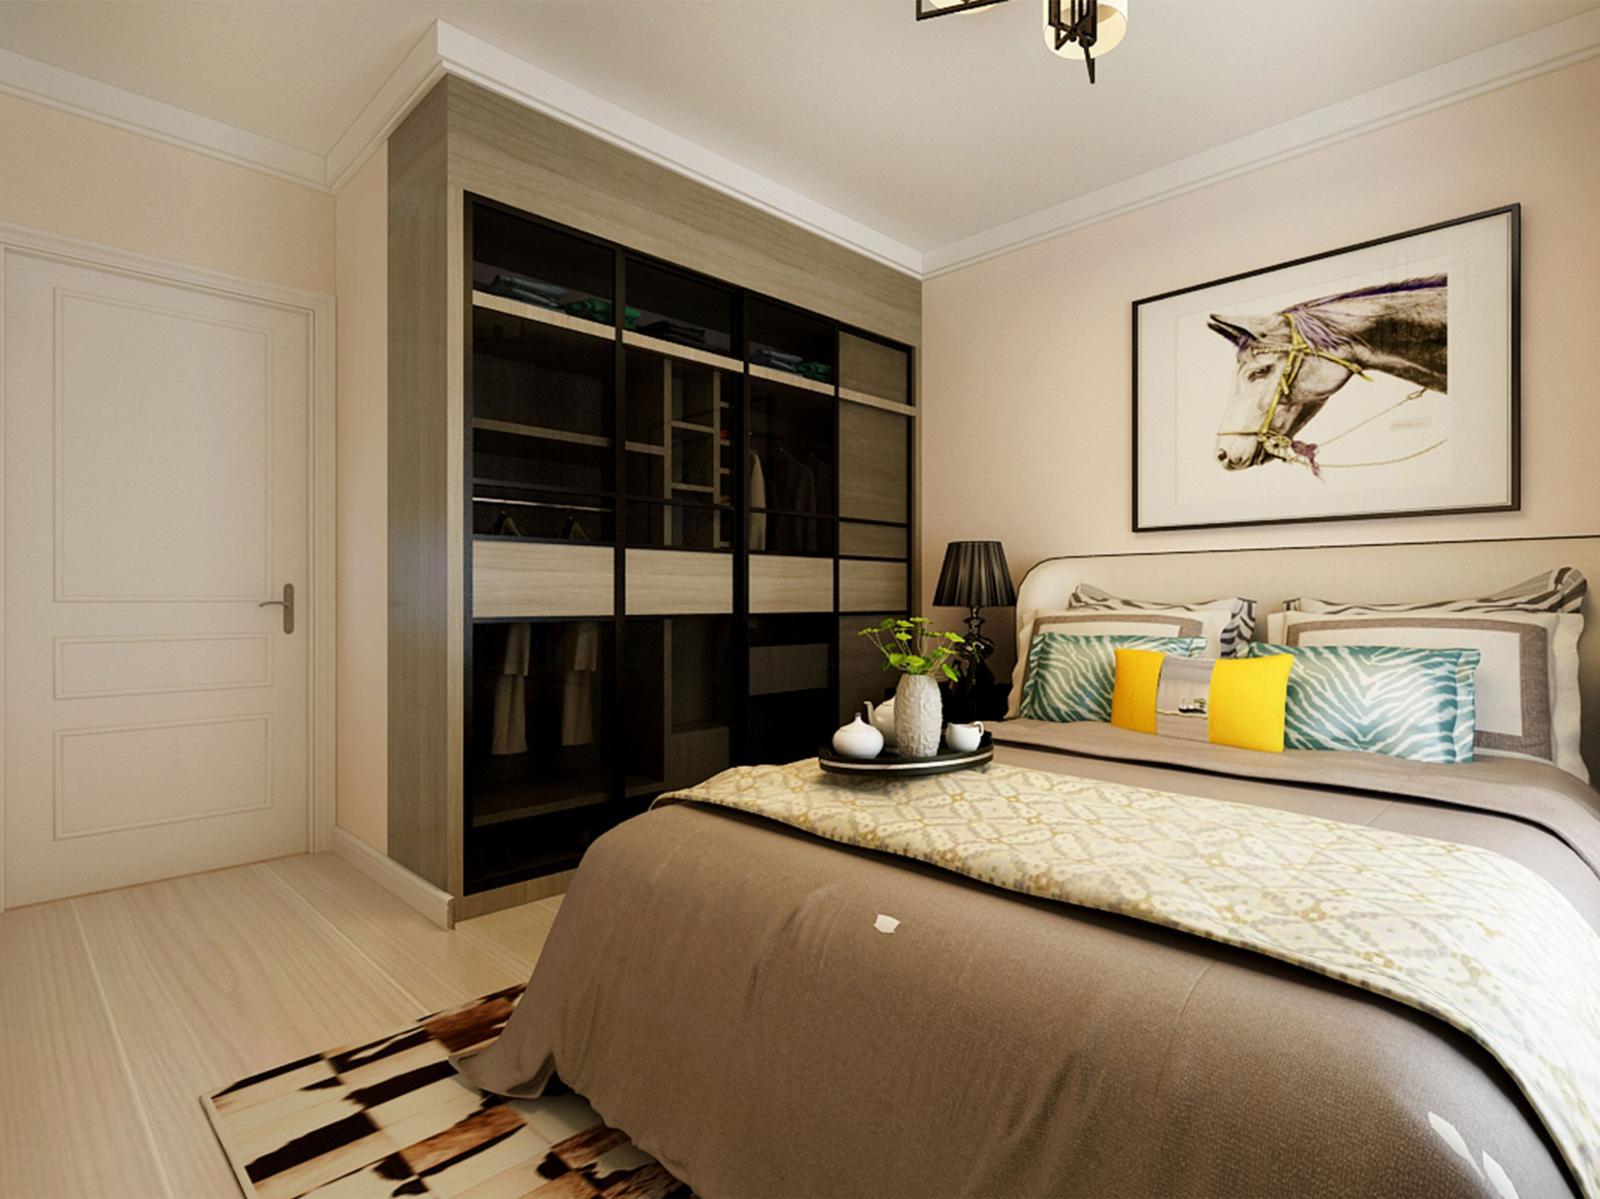 两居室当代当世万端骈卧室卧室背景墙_华润凯旋门装修效实图